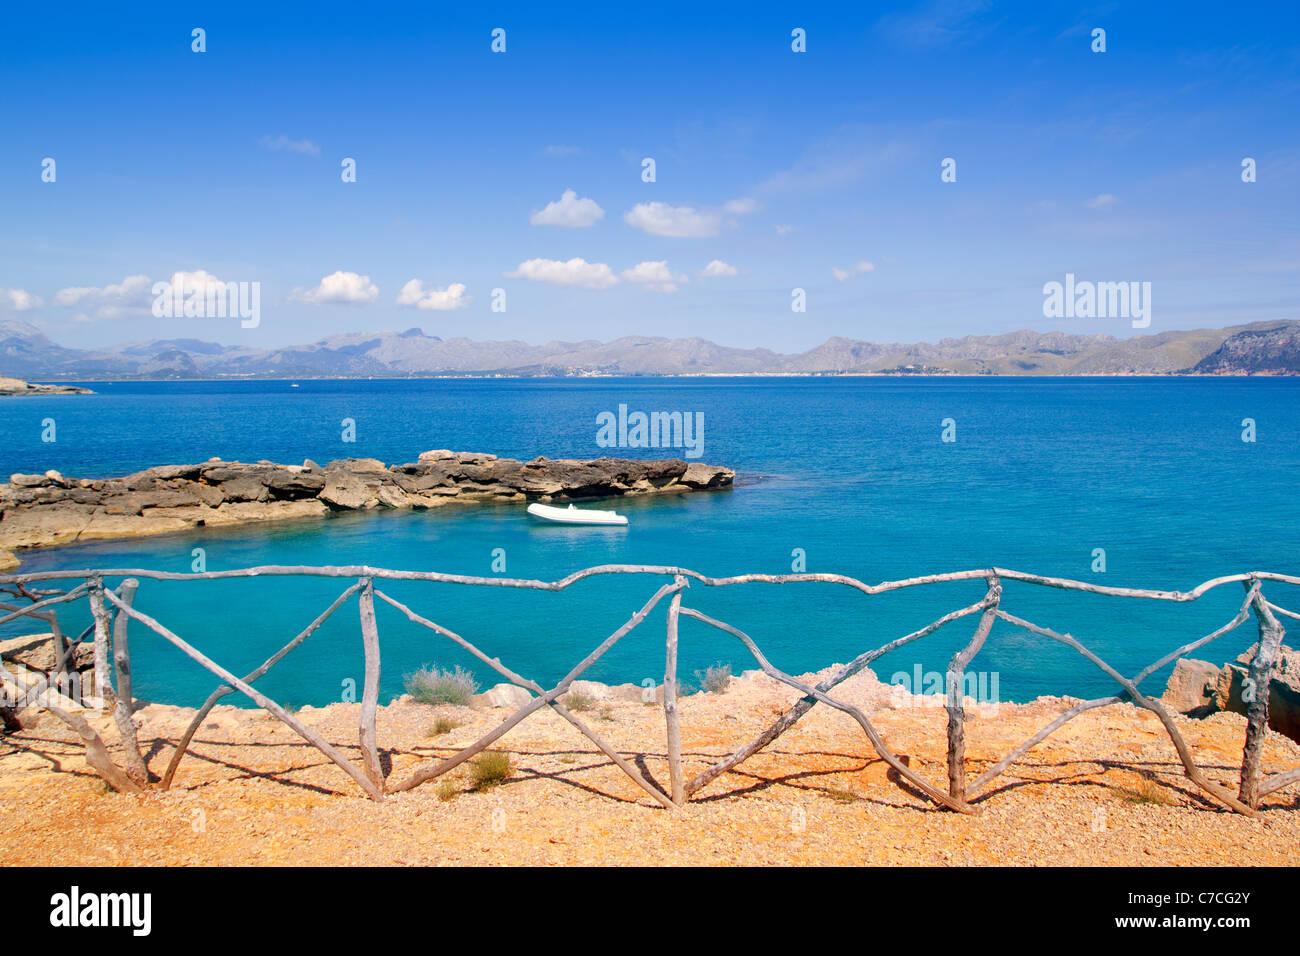 In Alcudia maiorca la Victoria turchese spiaggia vicino s Illot dalle isole Baleari Immagini Stock